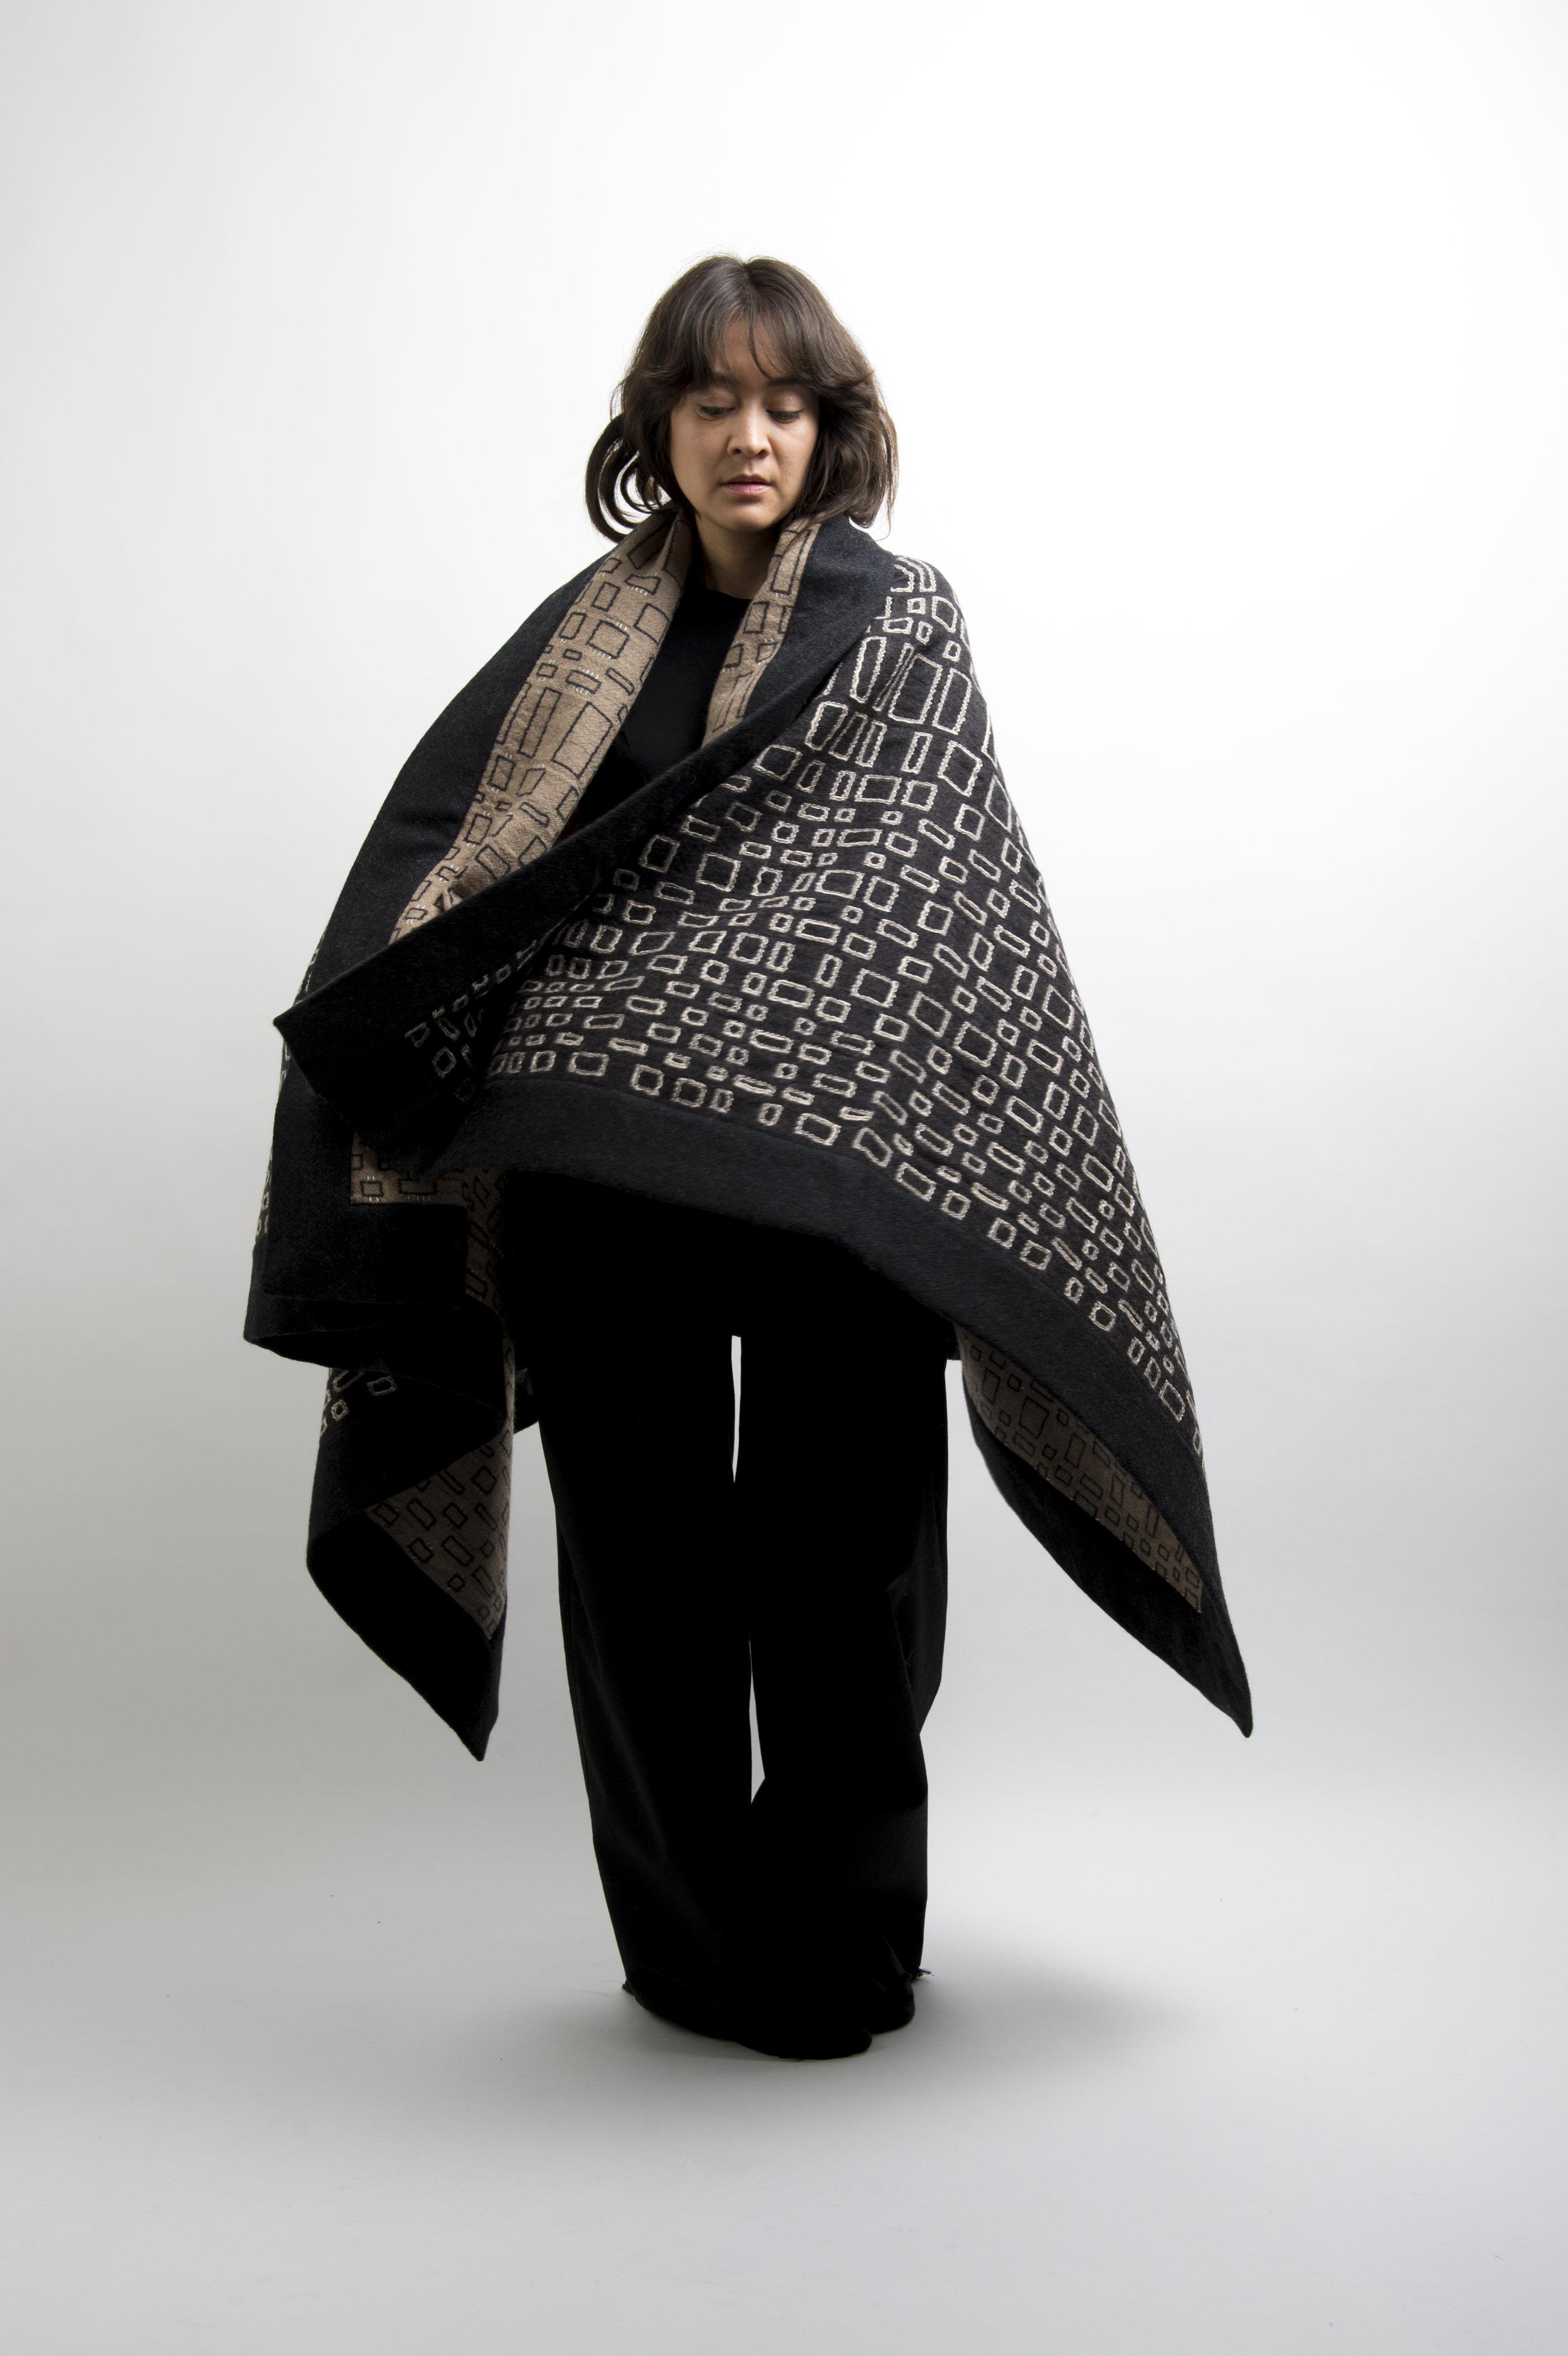 textiles-55.jpg